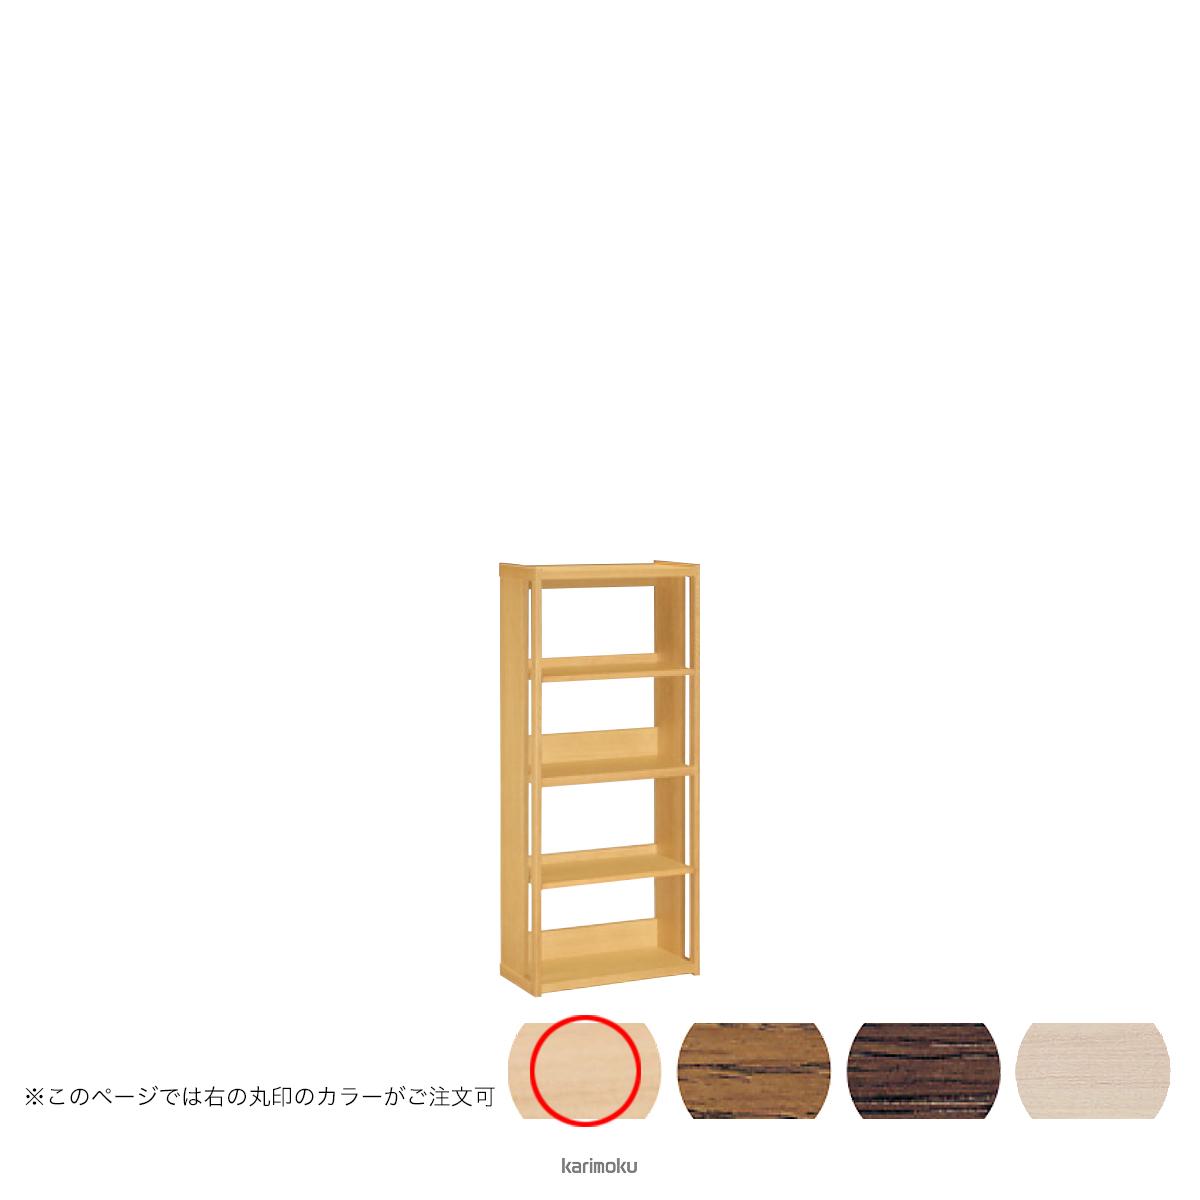 カリモク 書棚 HT2265 [オープンタイプ] (ピュアオーク色)【全国送料無料】【同梱不可】【店頭受取対応商品】